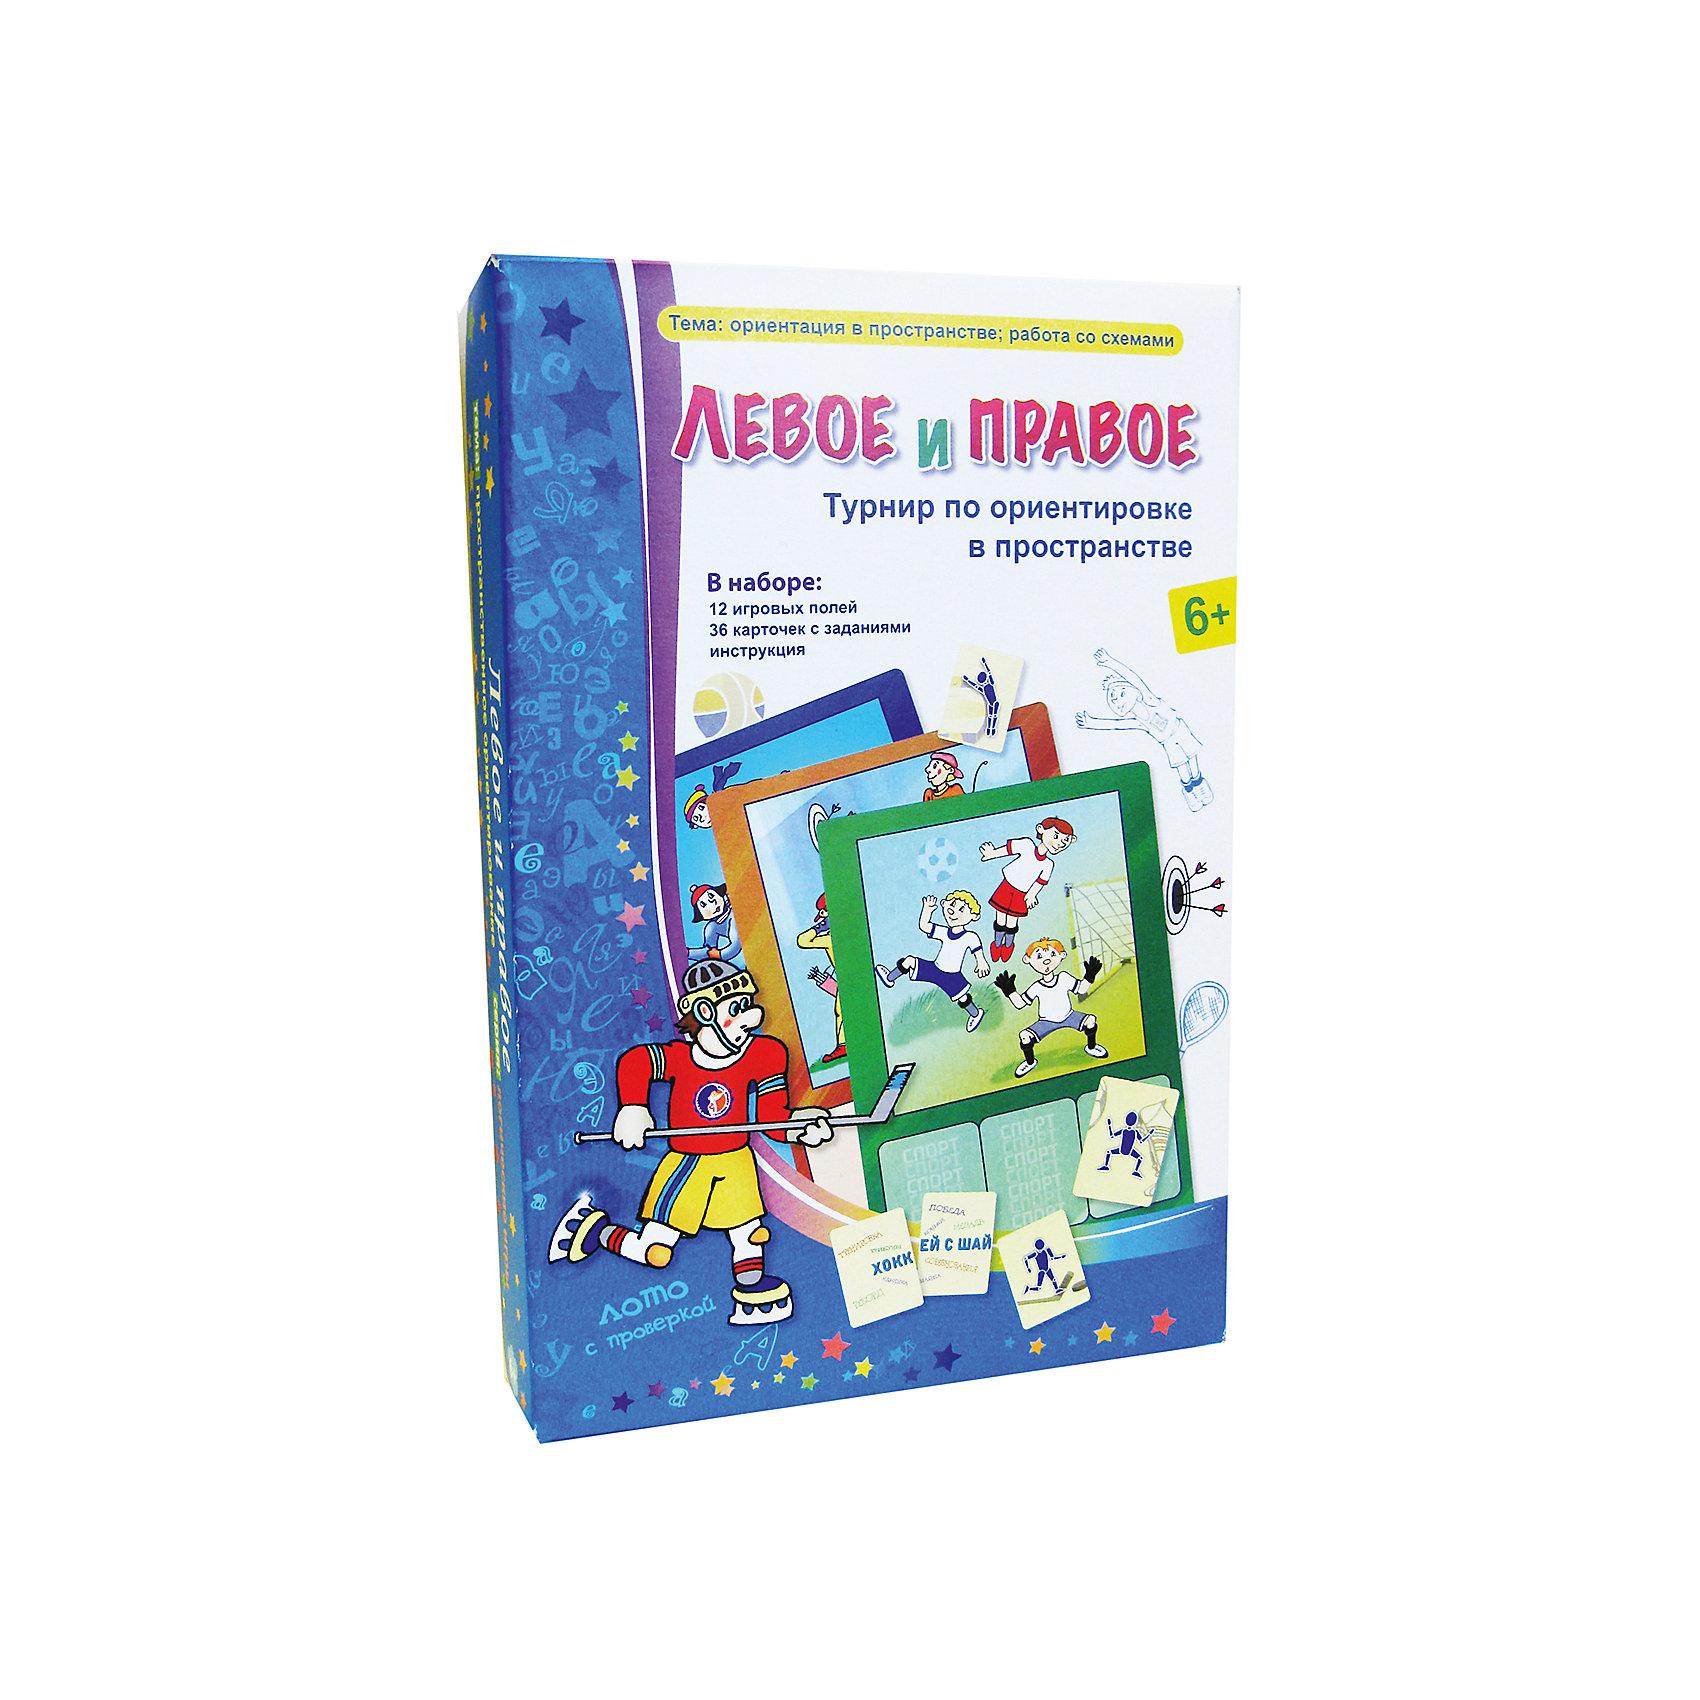 Левое и правое, Игротека Татьяны БарчанВикторины, ребусы<br>Левое и правое, Игротека Татьяны Барчан.<br><br>Характеристики:<br><br>• Для детей в возрасте: от 6 до 8 лет<br>• В комплекте: 12 игровых полей с сюжетными картинками, 36 карточек со схемами, инструкция<br>• Виды спорта на карточках: большой теннис, волейбол и баскетбол, фигурное катание, стрельба из лука, восточные единоборства, стрельба из лука, любительский бокс, легкая атлетика, хоккей с шайбой, лыжи и сноуборд, дворовый футбол, спортивная гимнастика<br>• Тема: Ориентация в пространстве, работа со схемами<br>• Материал: плотный качественный картон<br>• Производитель: ЦОТР Ребус (Россия)<br>• Упаковка: картонная коробка<br>• Размер упаковки: 270х185х40 мм.<br>• Вес: 316 гр.<br><br>Научить ребят ориентироваться в пространстве поможет интересная настольная игра Левое и правое. В комплекте мальчики и девочки найдут 12 игровых полей с изображенными на них спортсменами и 36 карточек с заданиями. На карточках с заданиями нарисованы схематичные движения, свойственным спортсменам различных видов спорта. <br><br>Игра проводится по принципу лото. Игровые поля в равном количестве раздаются участникам. Карточки с фигурками-схемами остаются у ведущего, который по одной показывает их игрокам, дополняя показ словесным описанием. Тот игрок, кто обнаружит у себя на поле спортсмена в аналогичной позе, забирает карточку себе и кладет ее на одно из трех окошек поля. Если три карточки подобраны правильно, то на обороте карточек можно прочитать название вида спорта. <br><br>После завершения игры взрослые могут побеседовать с ребятами об олимпийских видах спорта, роли, которую играет спорт в жизни каждого человека. В процессе игры развивается память, внимание, совершенствуется речь. Игра послужит отличным подарком, может быть использована при проведении викторин и конкурсов, а также для семейного досуга.<br><br>Игру Левое и правое, Игротека Татьяны Барчан можно купить в нашем интернет-магазине.<br><br>Ширина мм: 270<br>Глубина